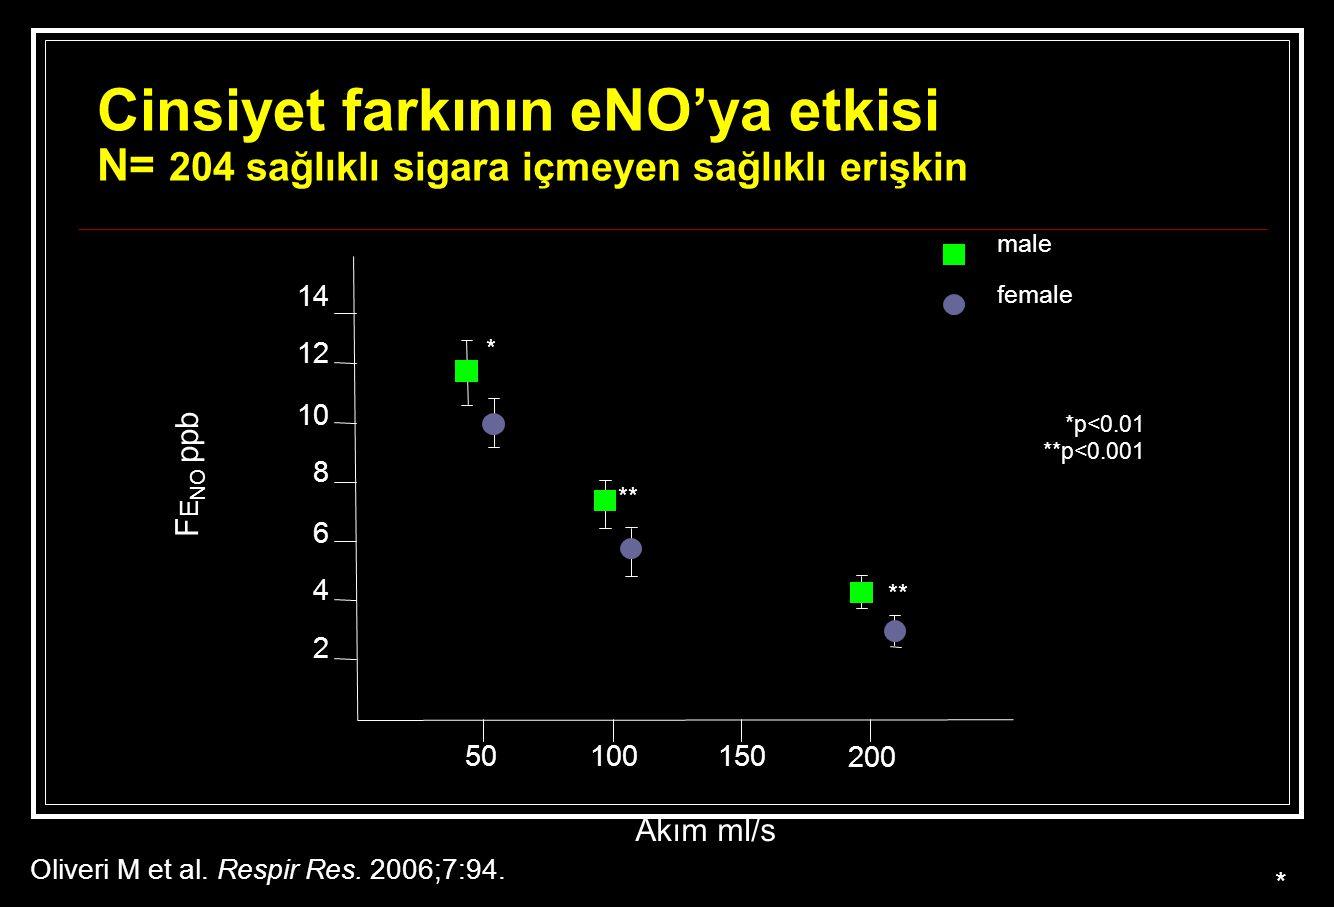 Cinsiyet farkının eNO'ya etkisi N= 204 sağlıklı sigara içmeyen sağlıklı erişkin